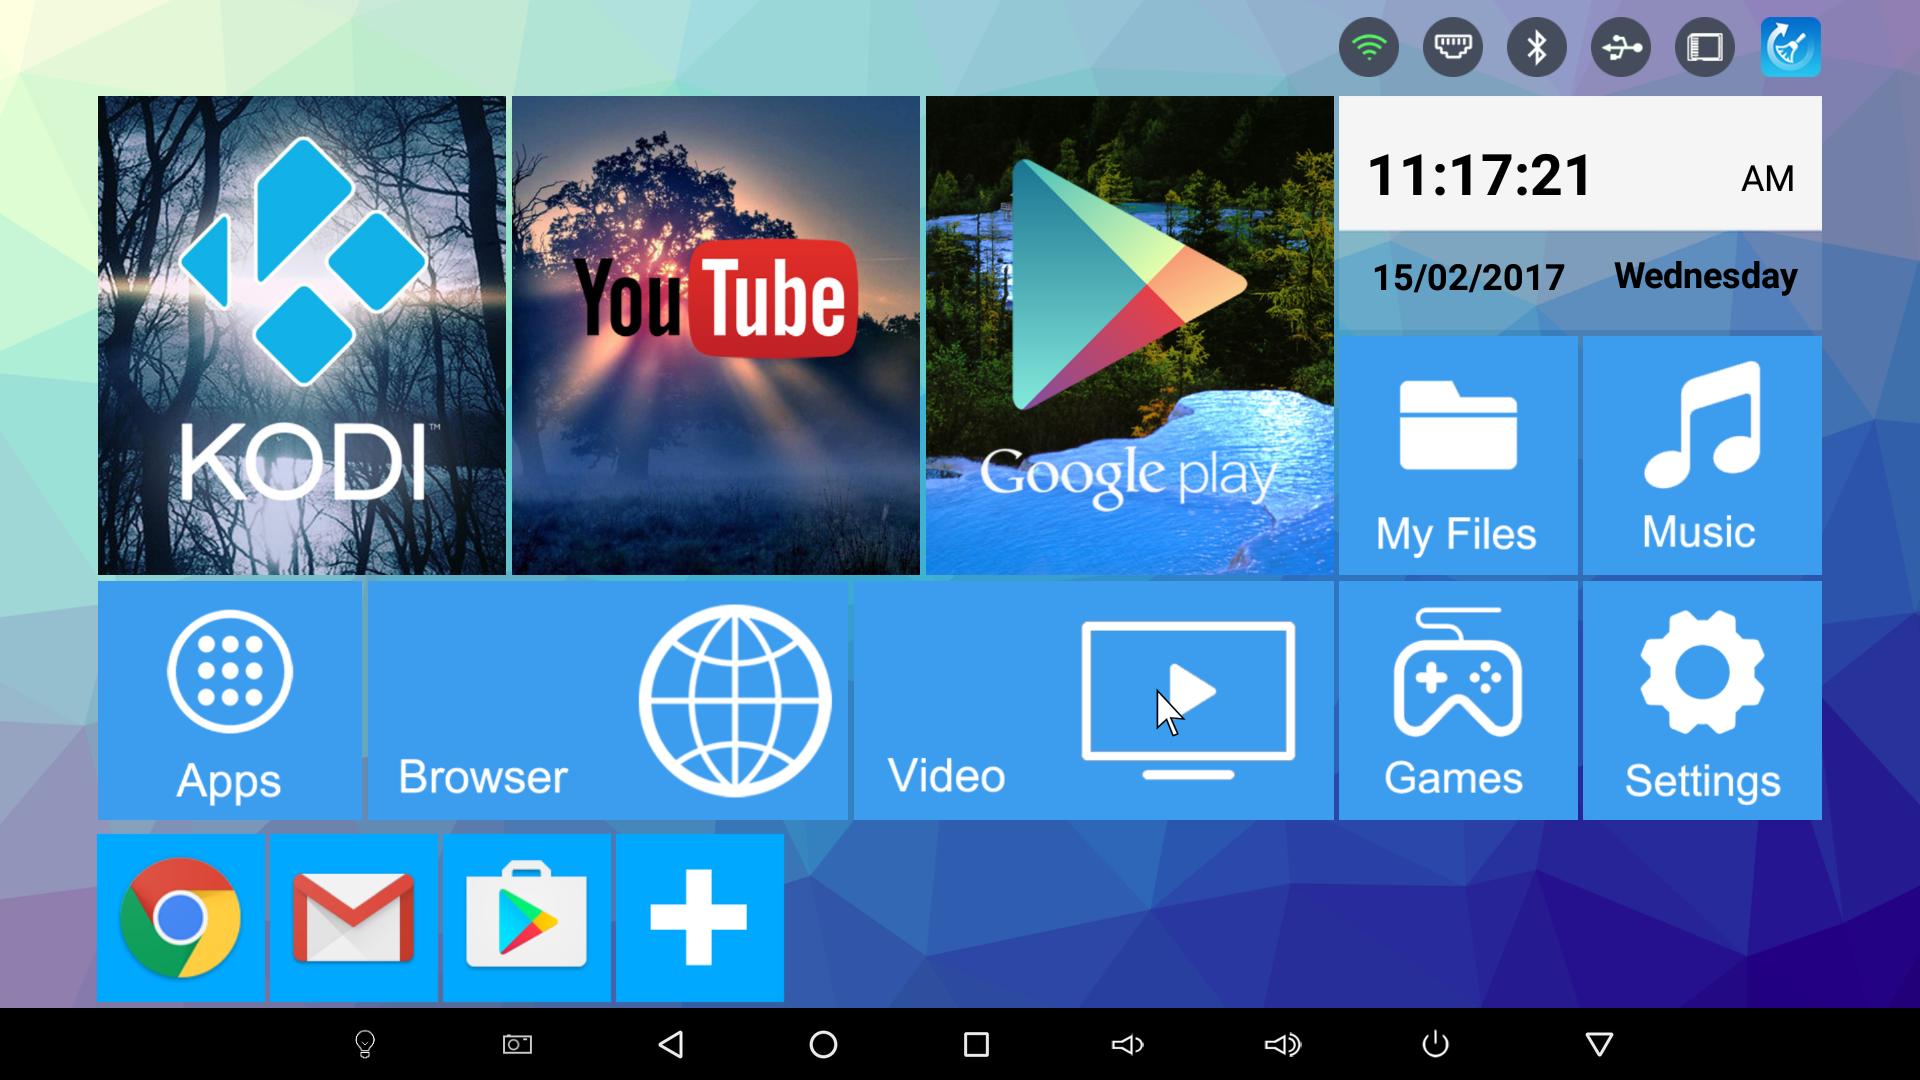 Интерфейс Android приставки R-BOX Pro Amlogic S912